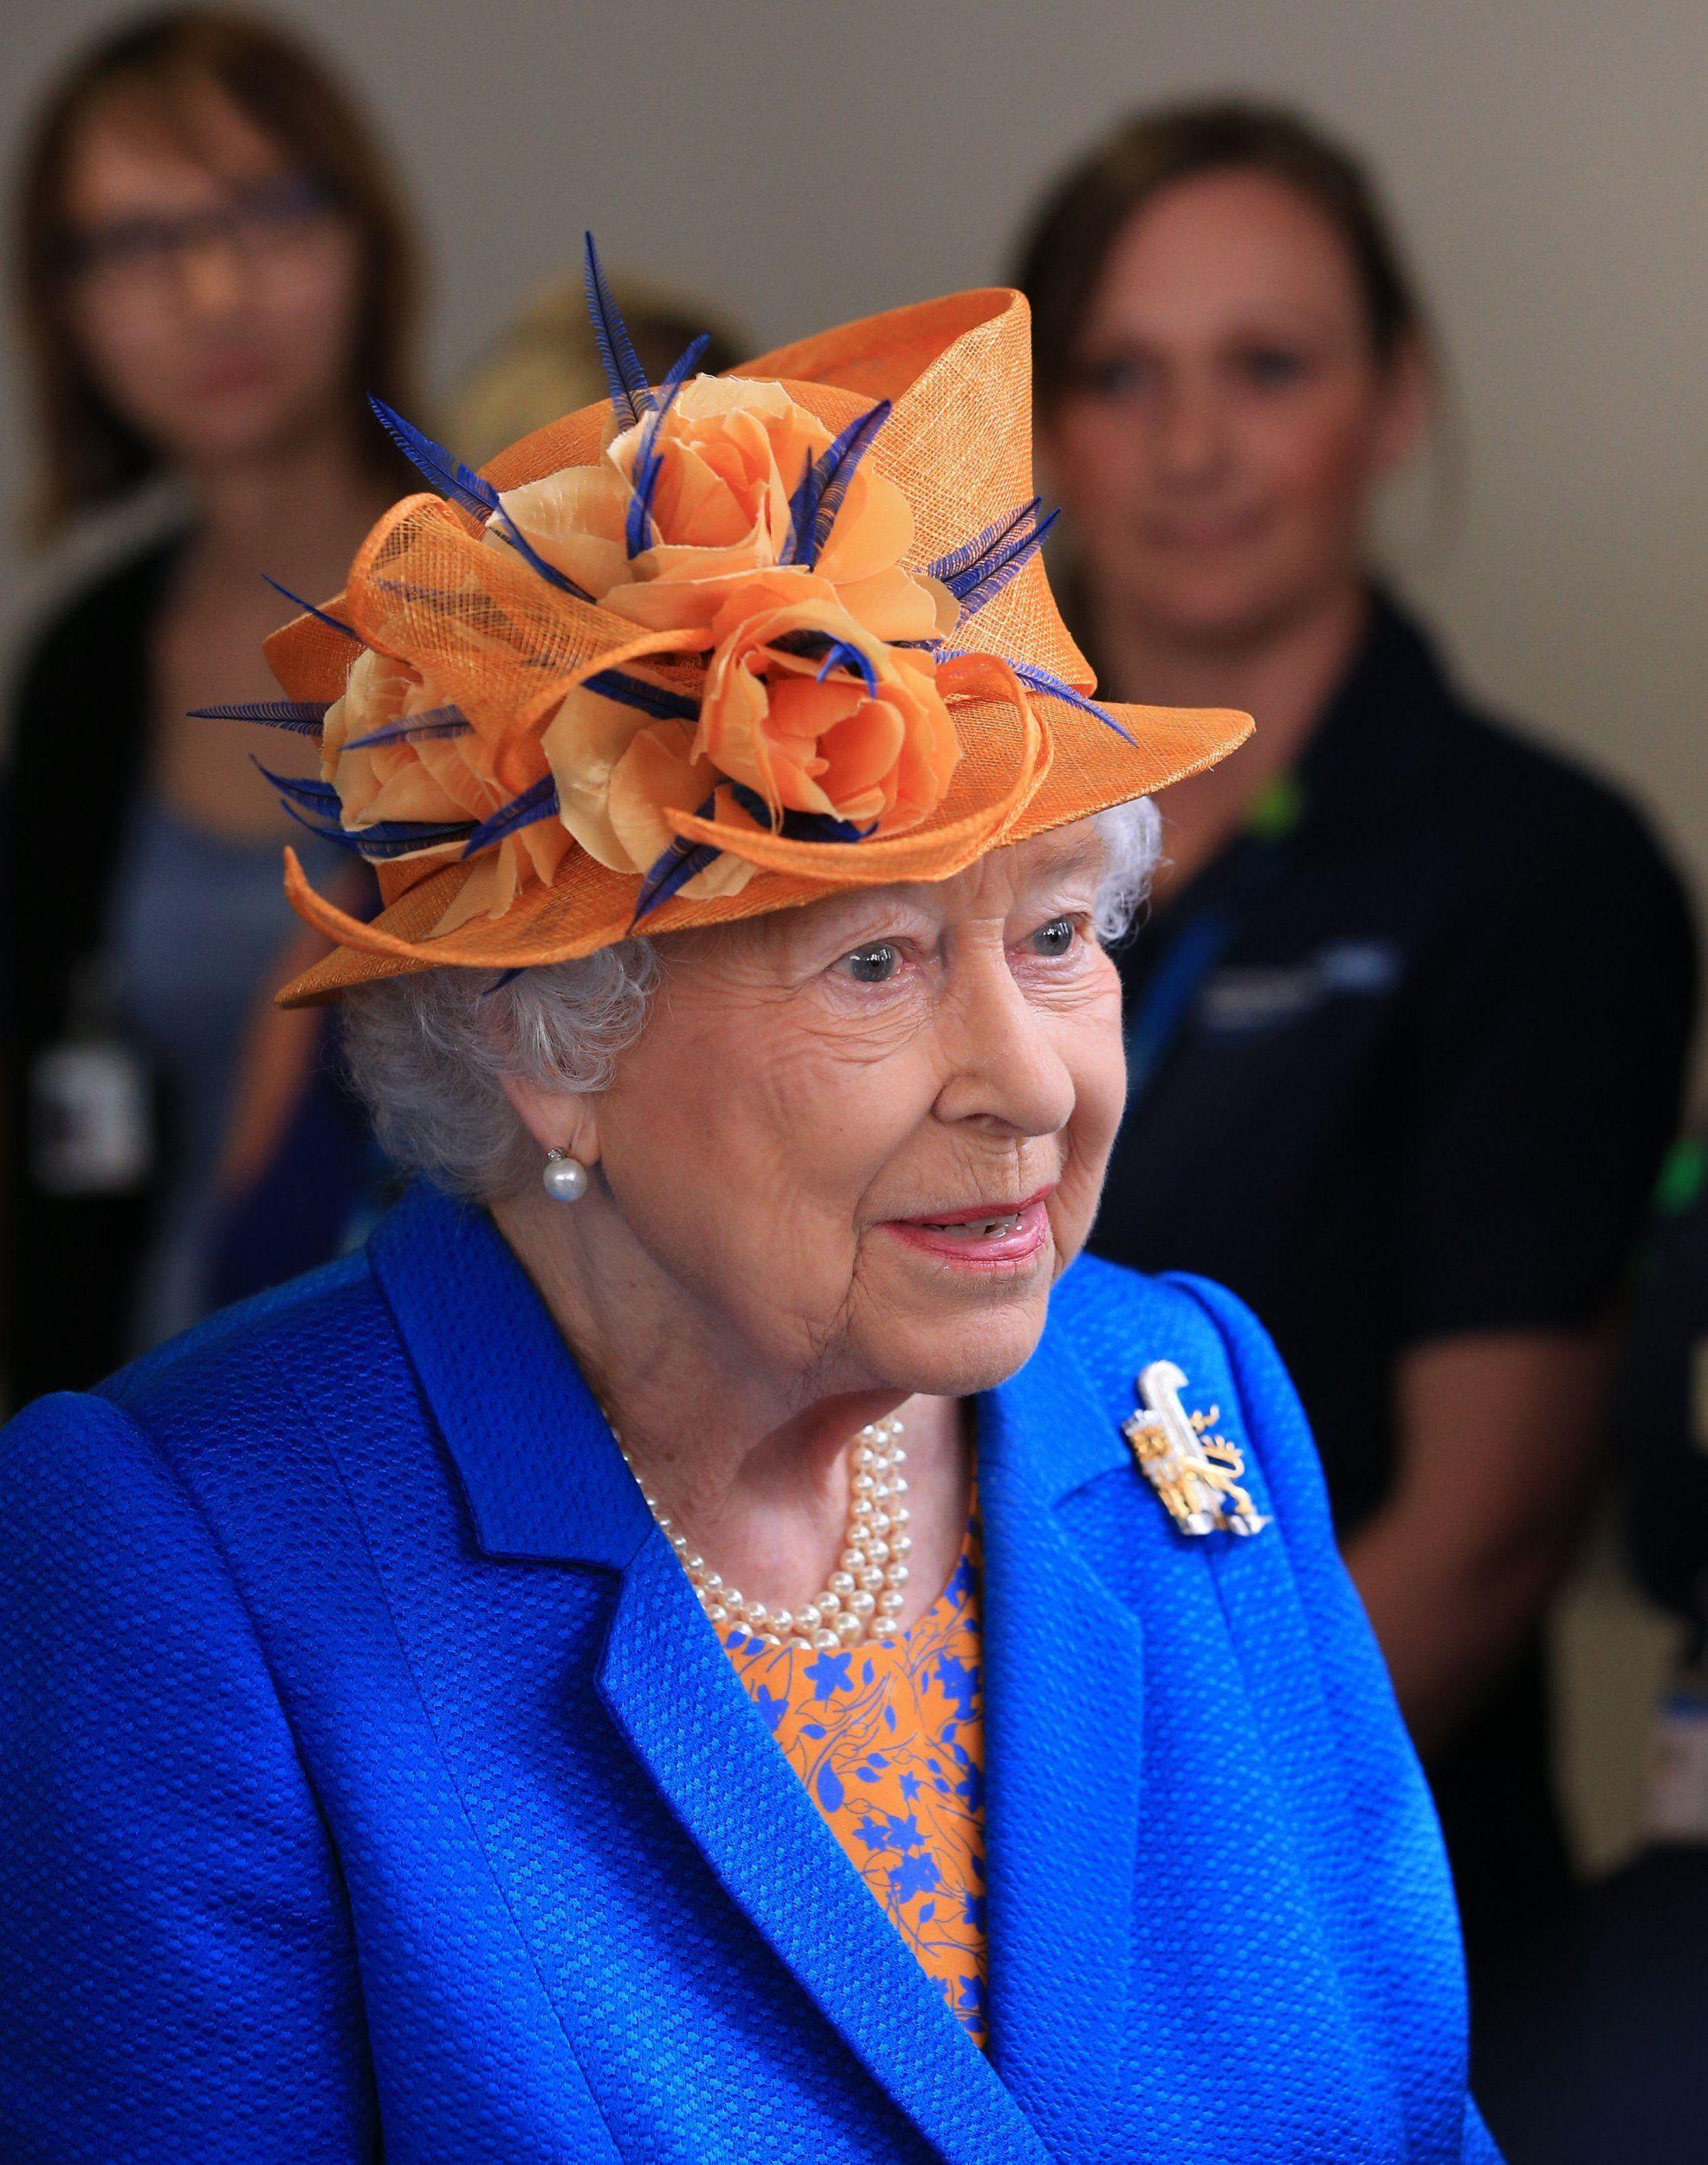 Ngoài gu diện đồ sặc sỡ, Nữ hoàng Anh còn có 5 bí mật làm nên phong cách thời trang không thể trộn lẫn - Ảnh 7.